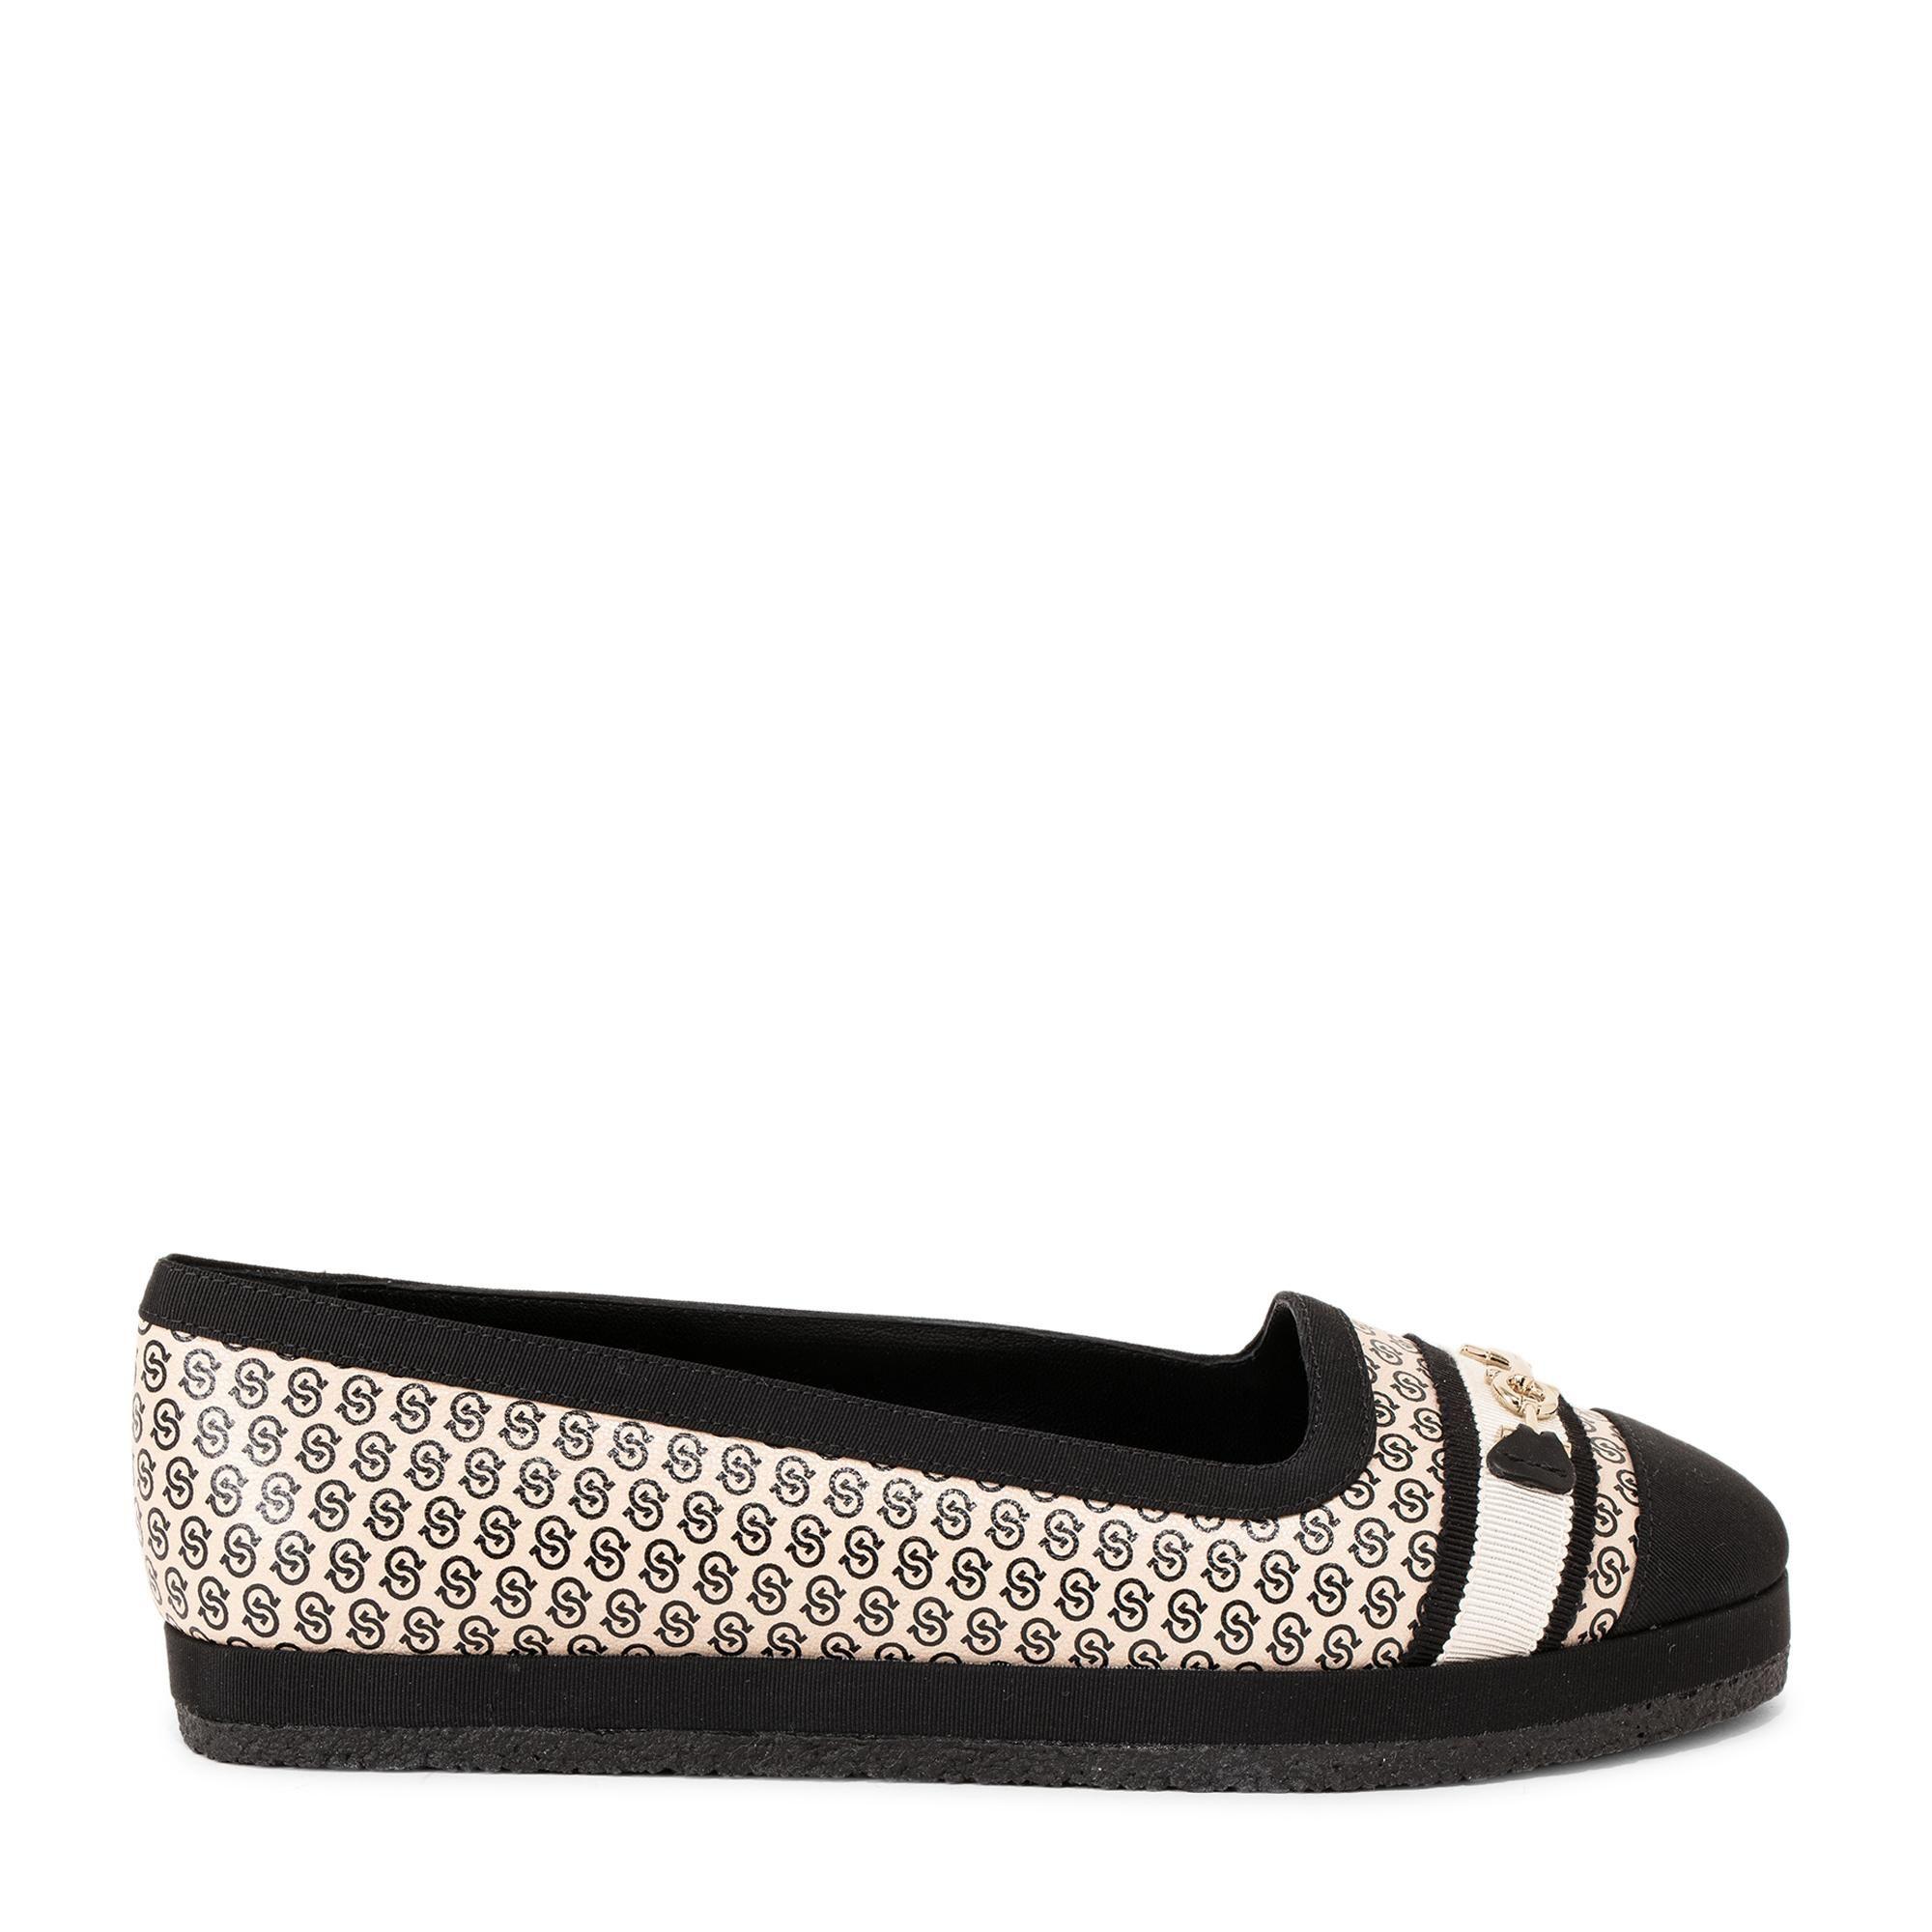 Kelsi slippers